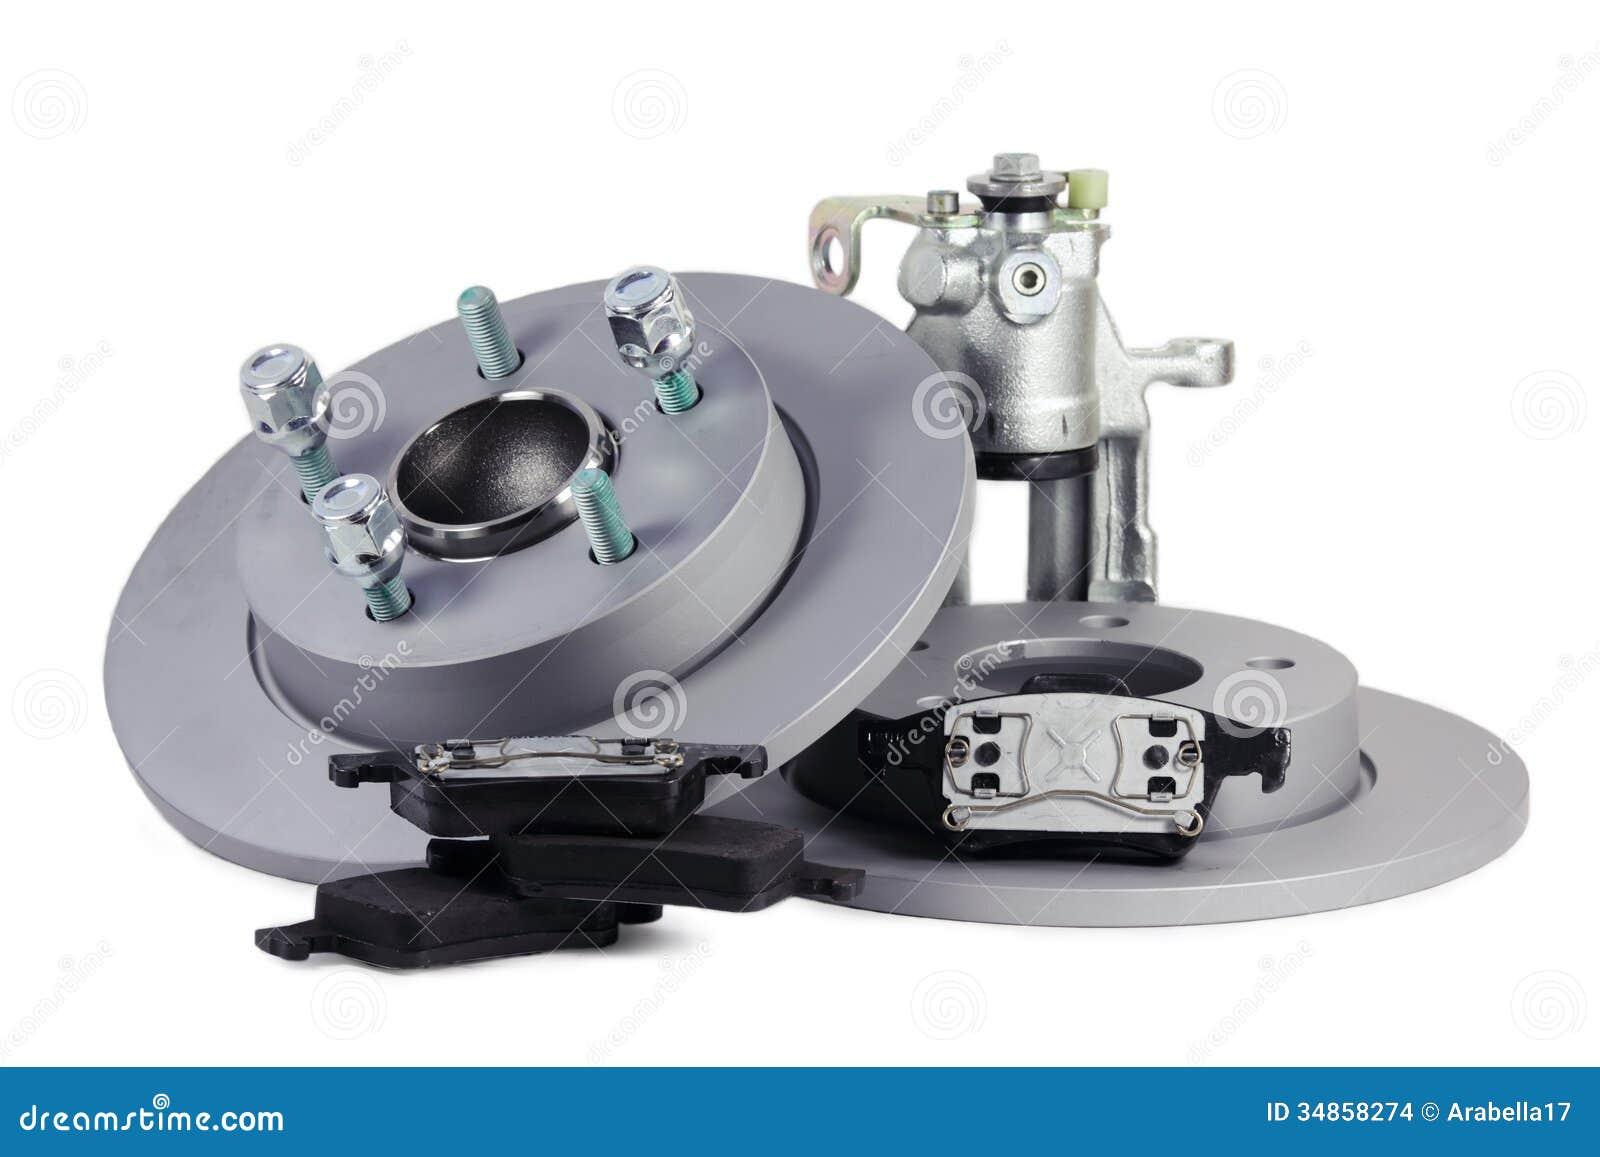 spare parts for car brake mechanism stock photo image 34858274. Black Bedroom Furniture Sets. Home Design Ideas